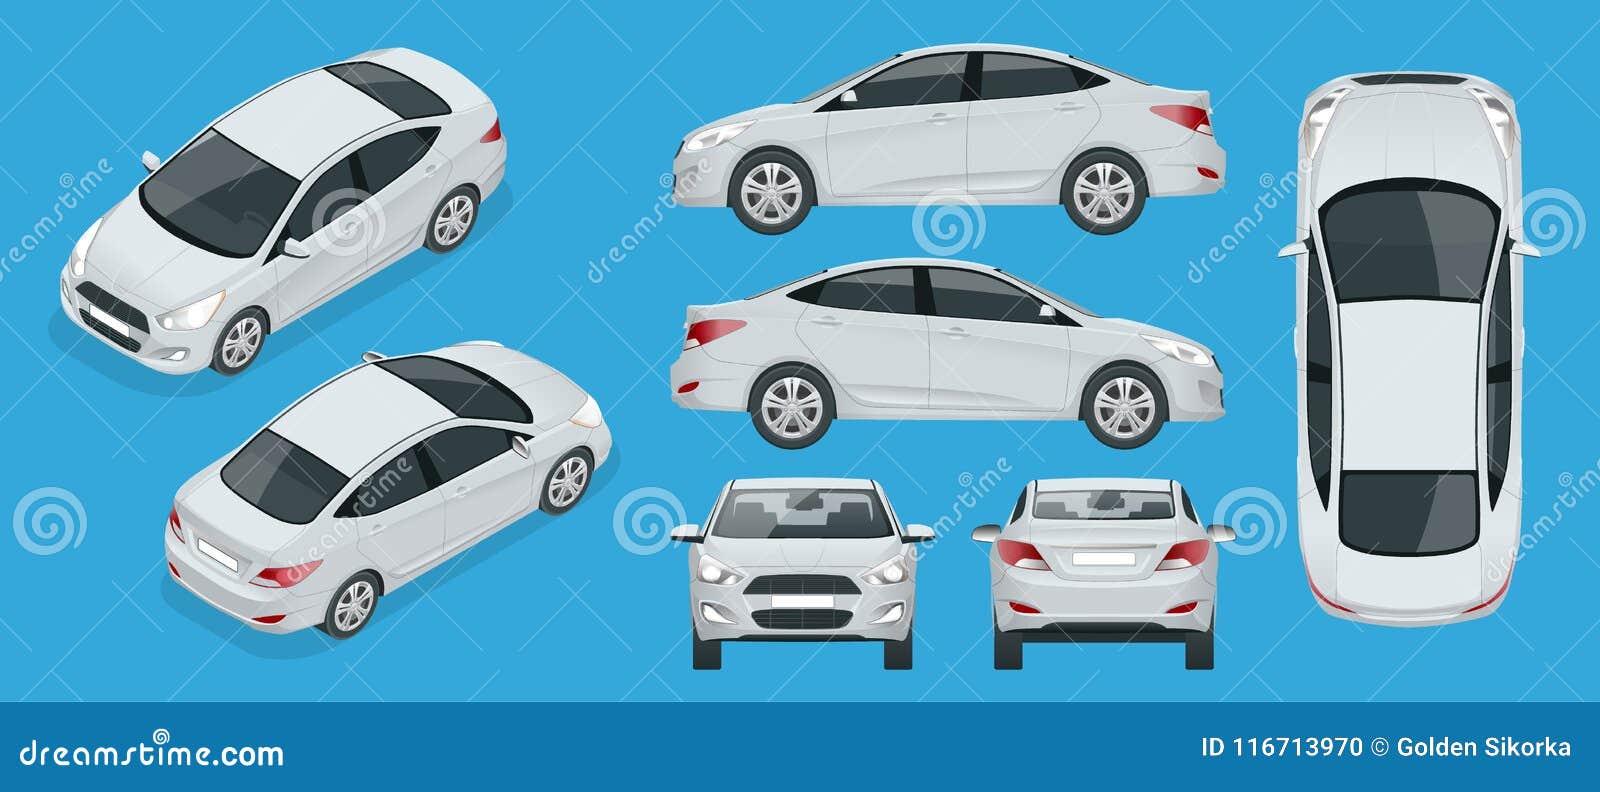 Set sedan samochody Ścisły Hybrydowy pojazd Życzliwy technika samochód Odosobniony samochód, szablon dla oznakować, reklamuje